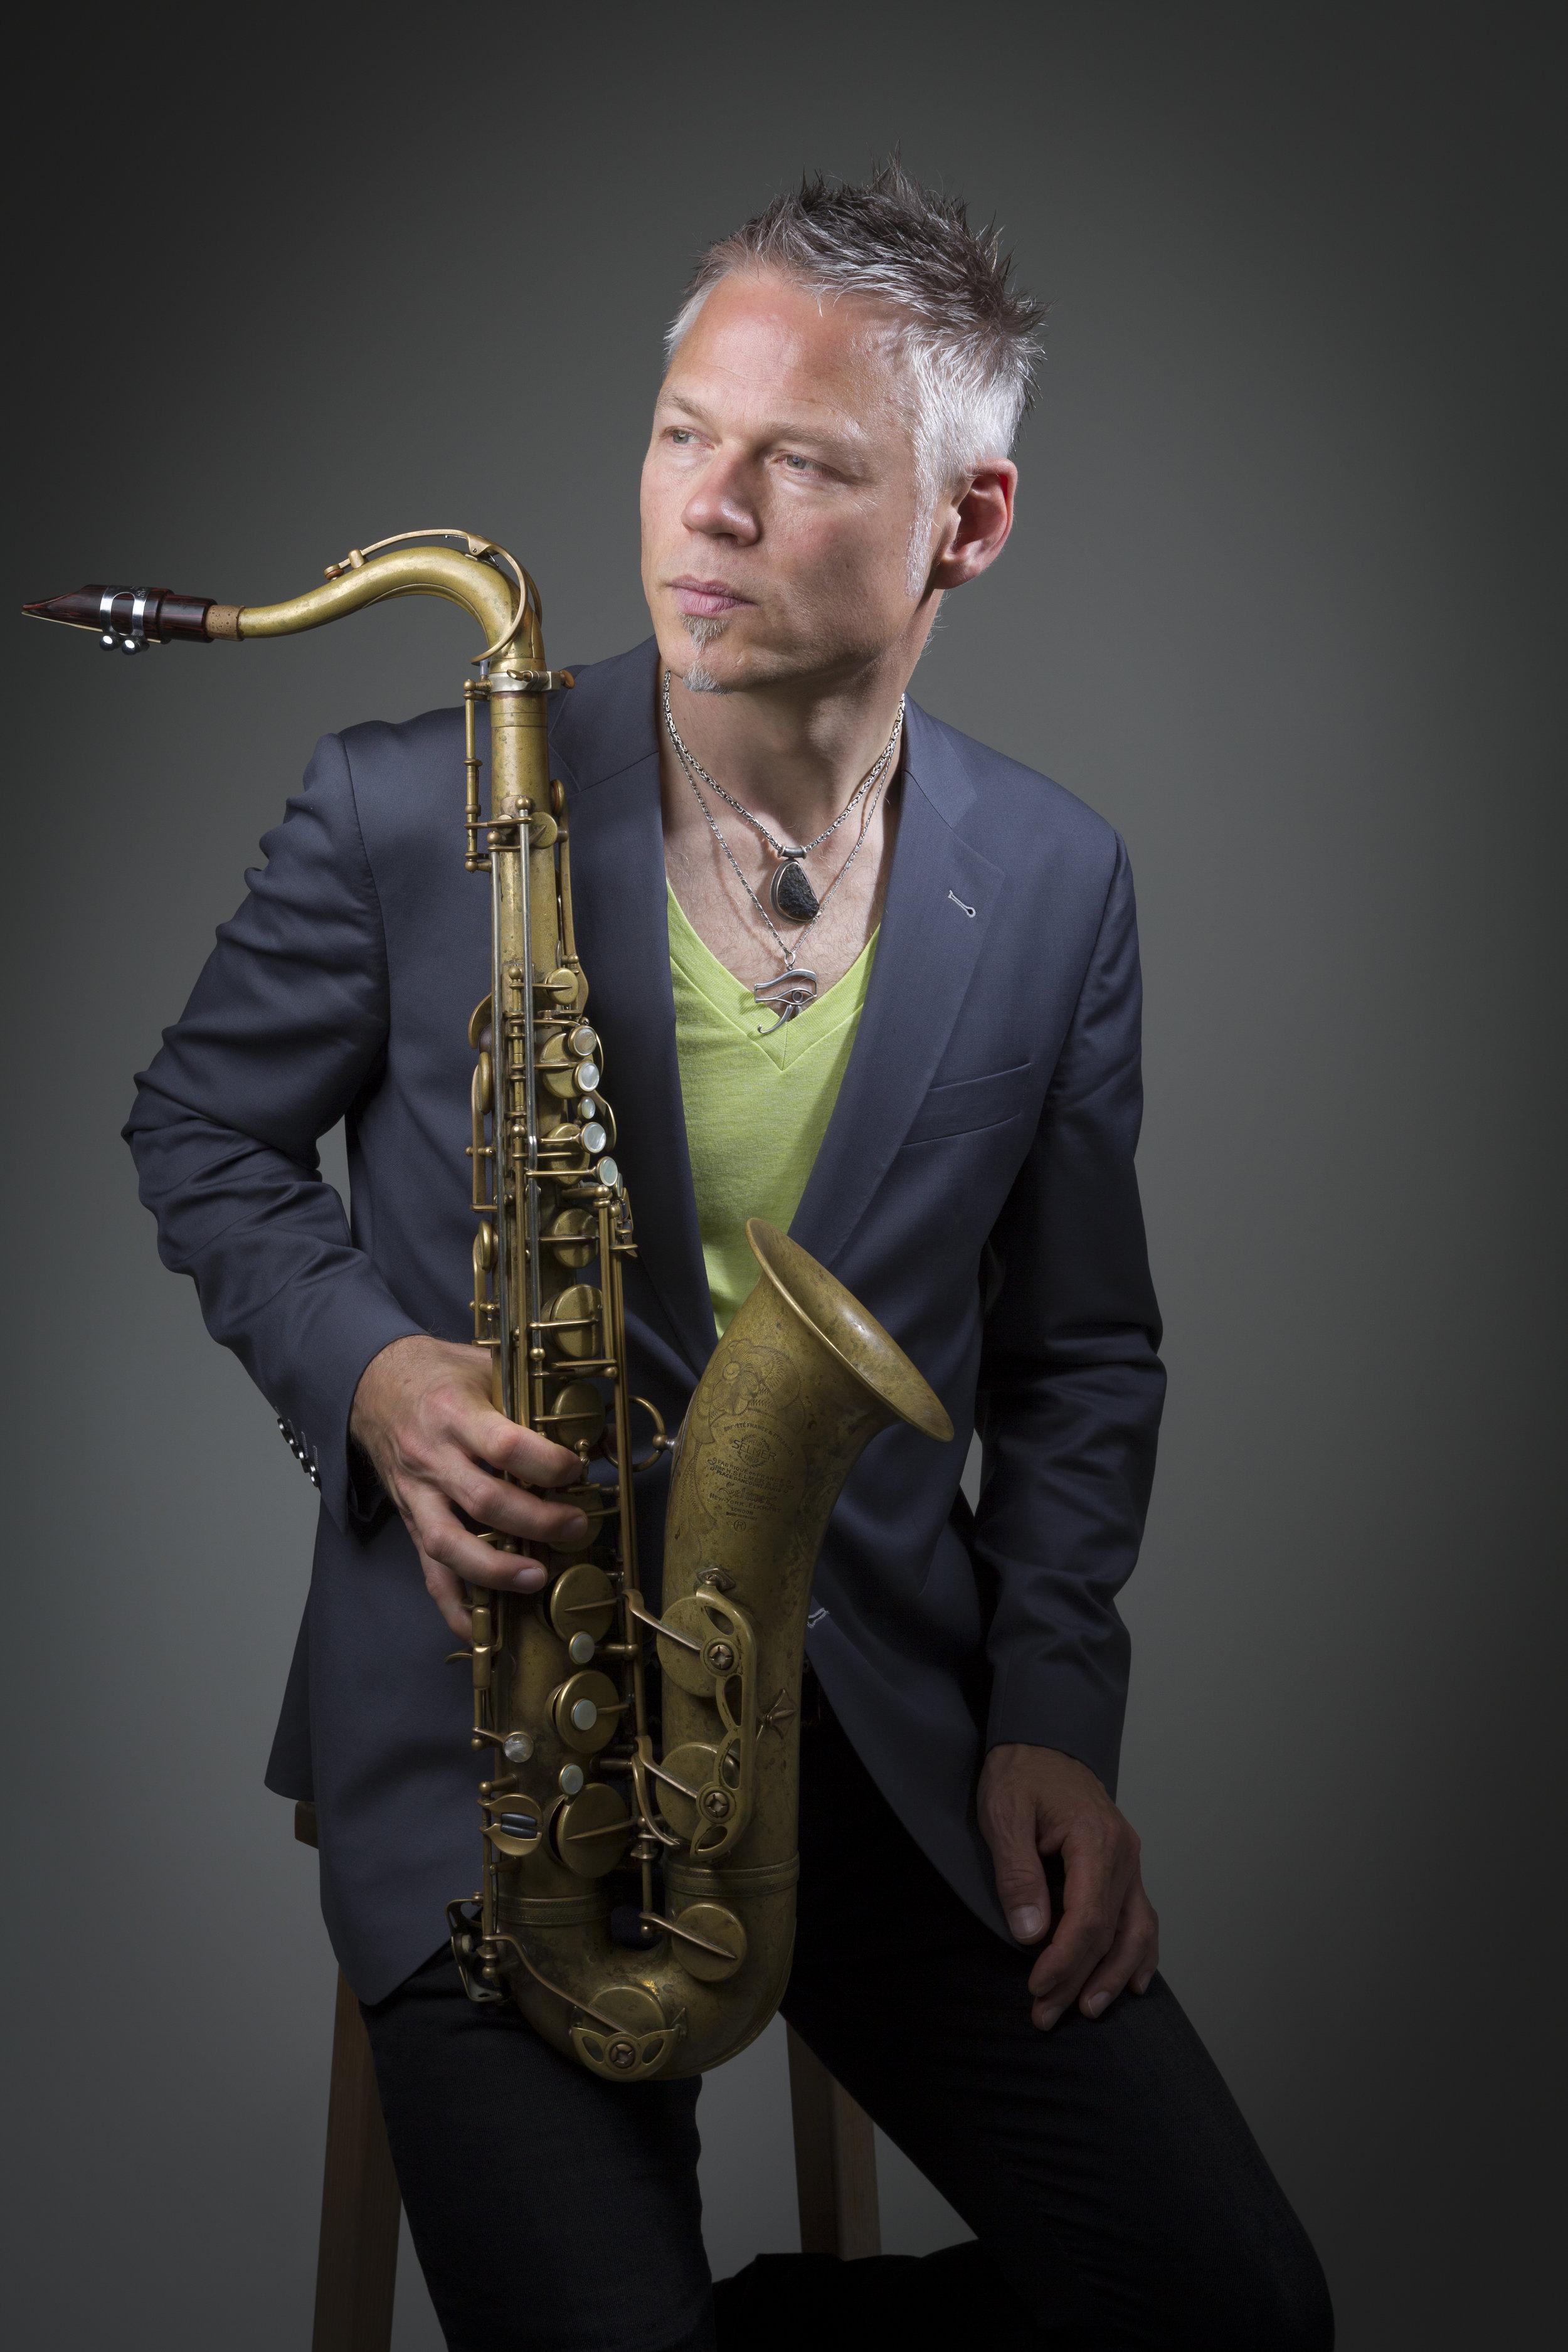 Wouter Scheuller, 2013